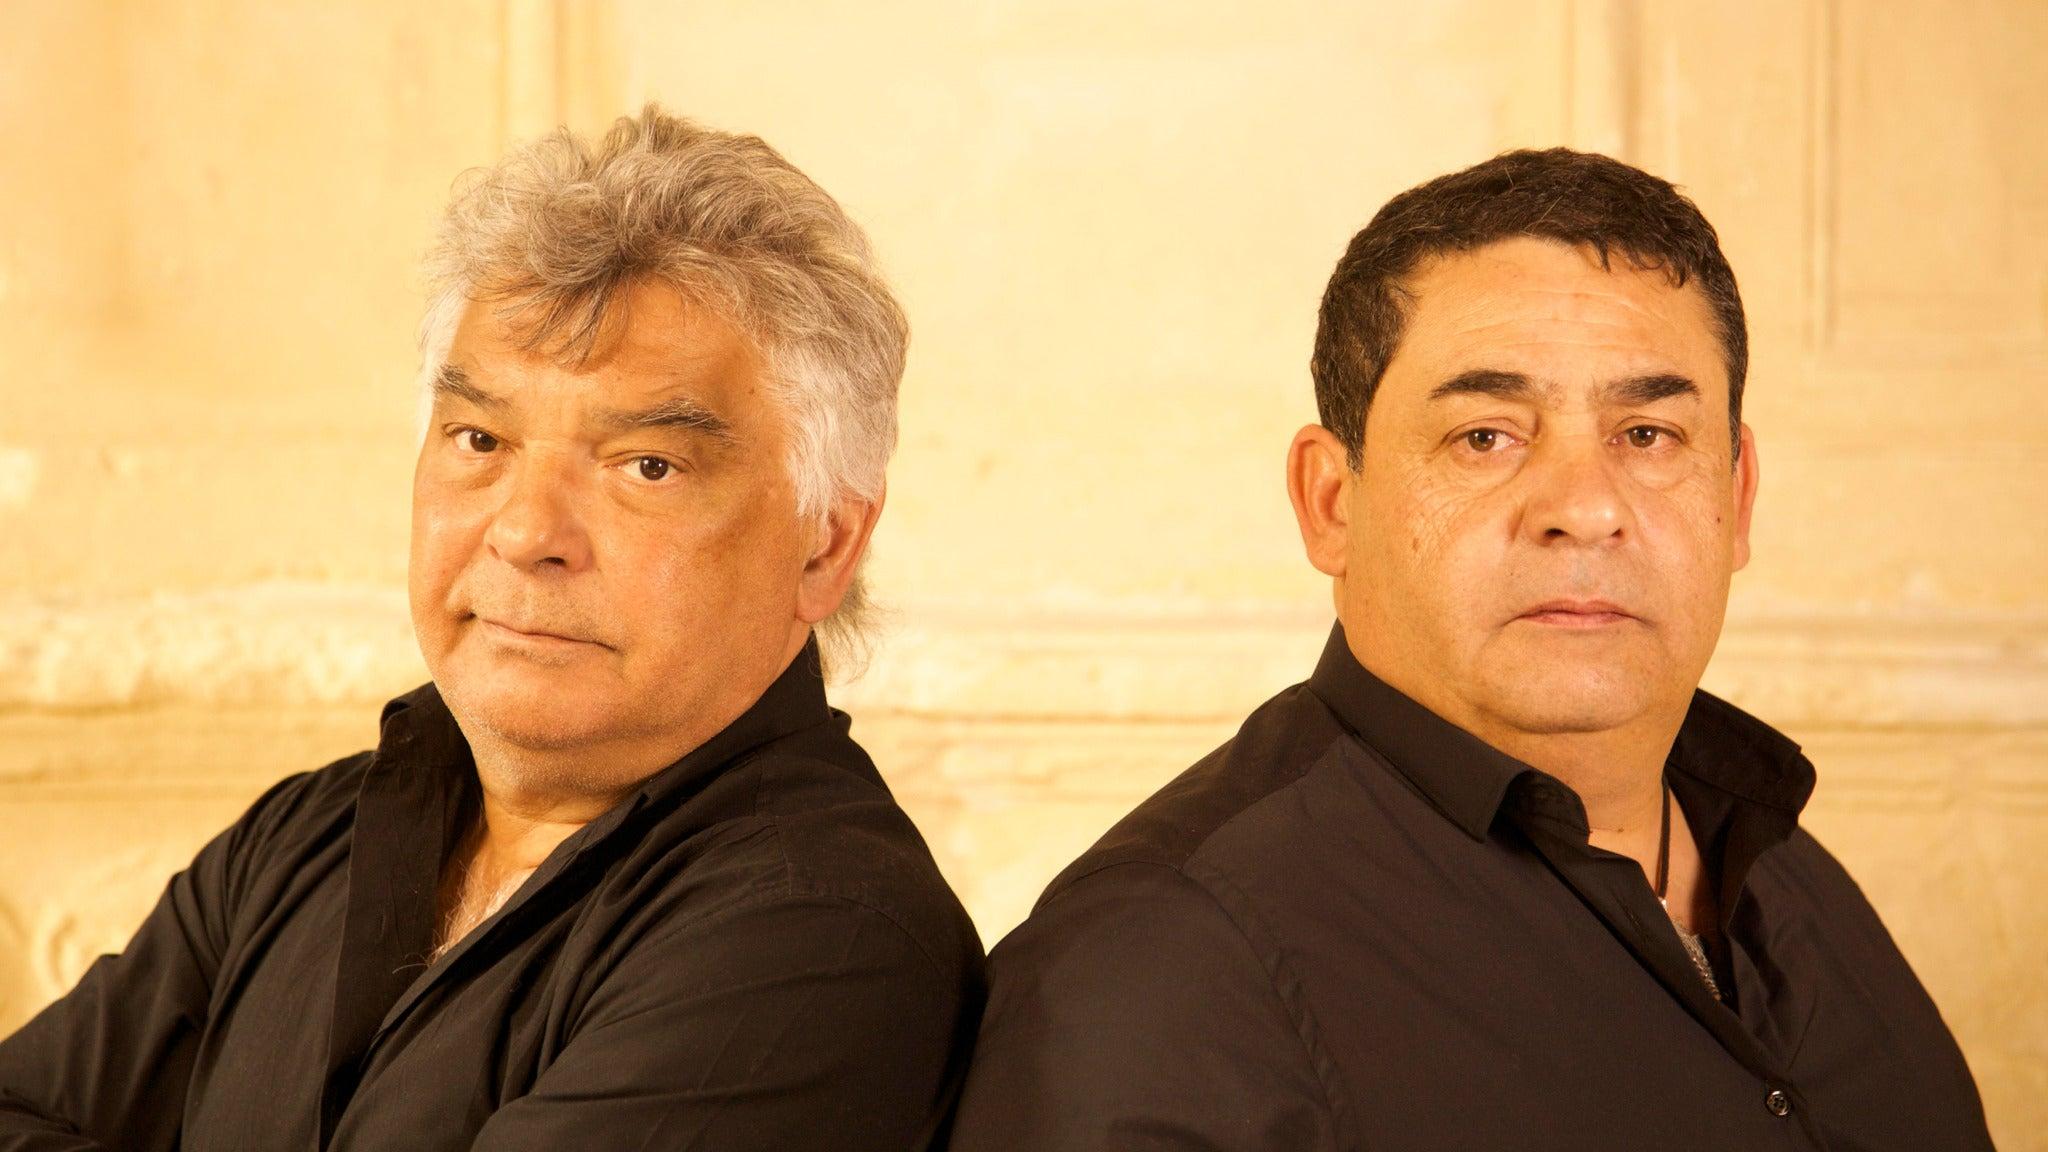 The Gipsy Kings featuring Nicolas Reyes & Tonio Baliardo